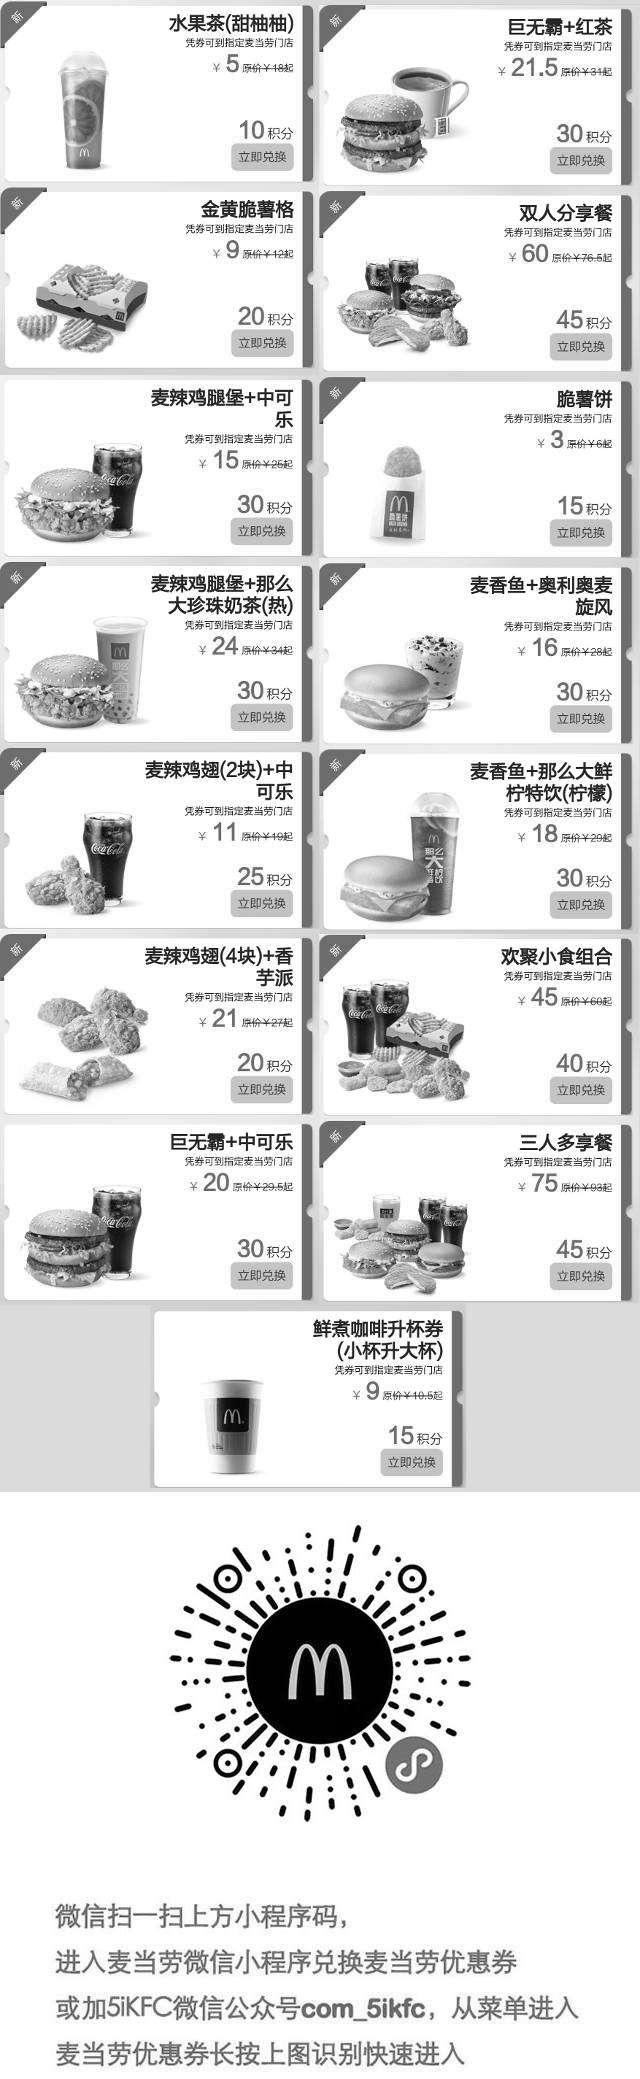 黑白优惠券图片:麦当劳会员积分优惠券兑换领取,套餐、小食、饮料多种优惠 - www.5ikfc.com